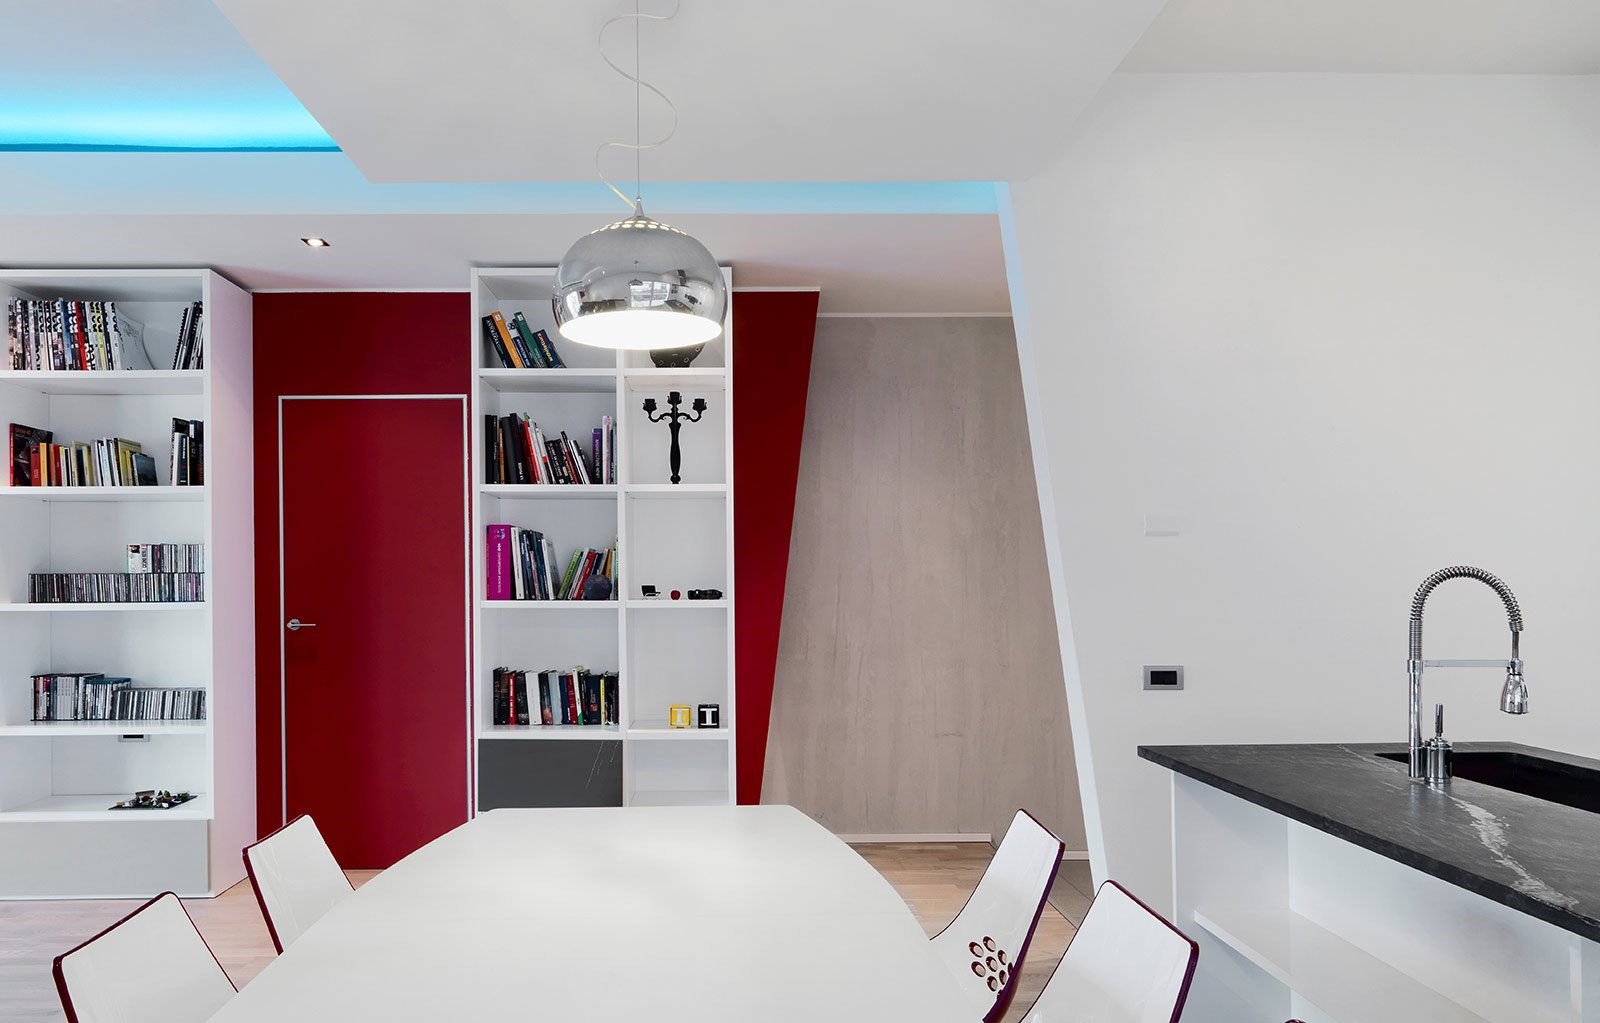 Una Casa Ristrutturata Ridisegnando Le Prospettive Interne Cose Di  #690B16 1600 1023 Sala Da Pranzo Palazzo Stoclet